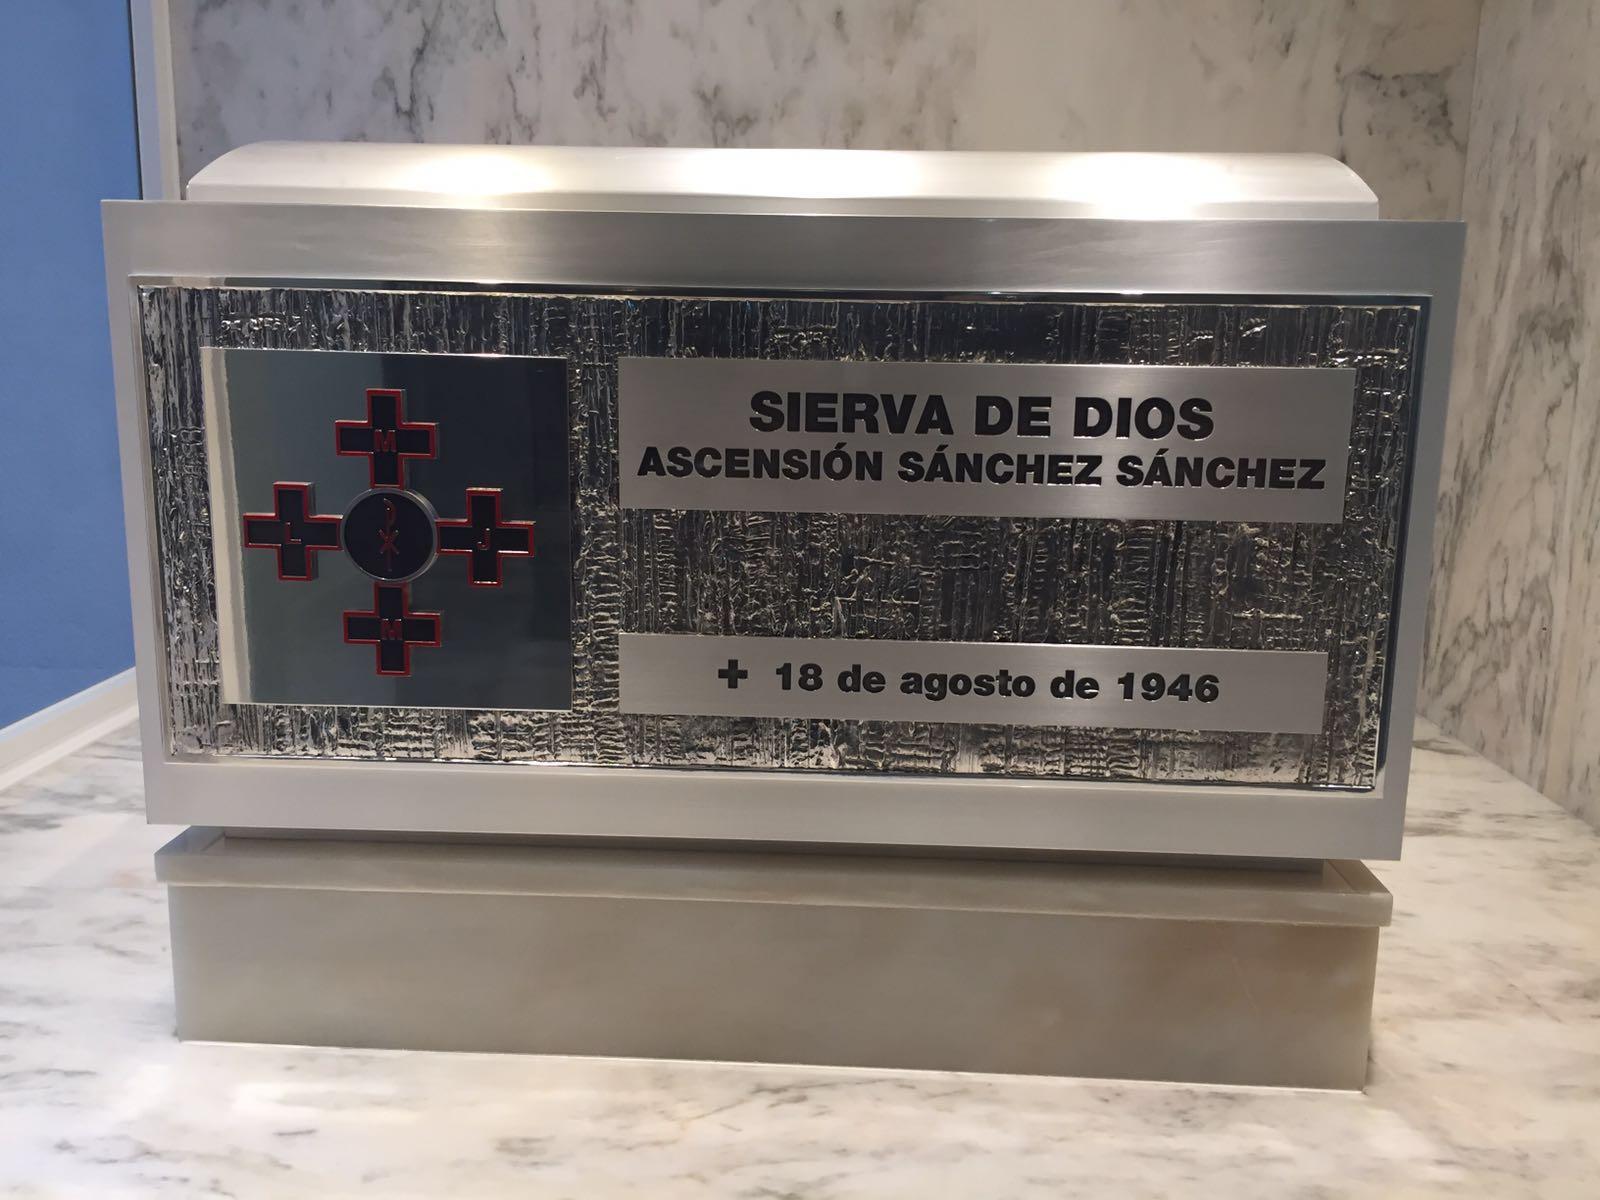 Urna con los restos mortales de Ascensión Sánchez